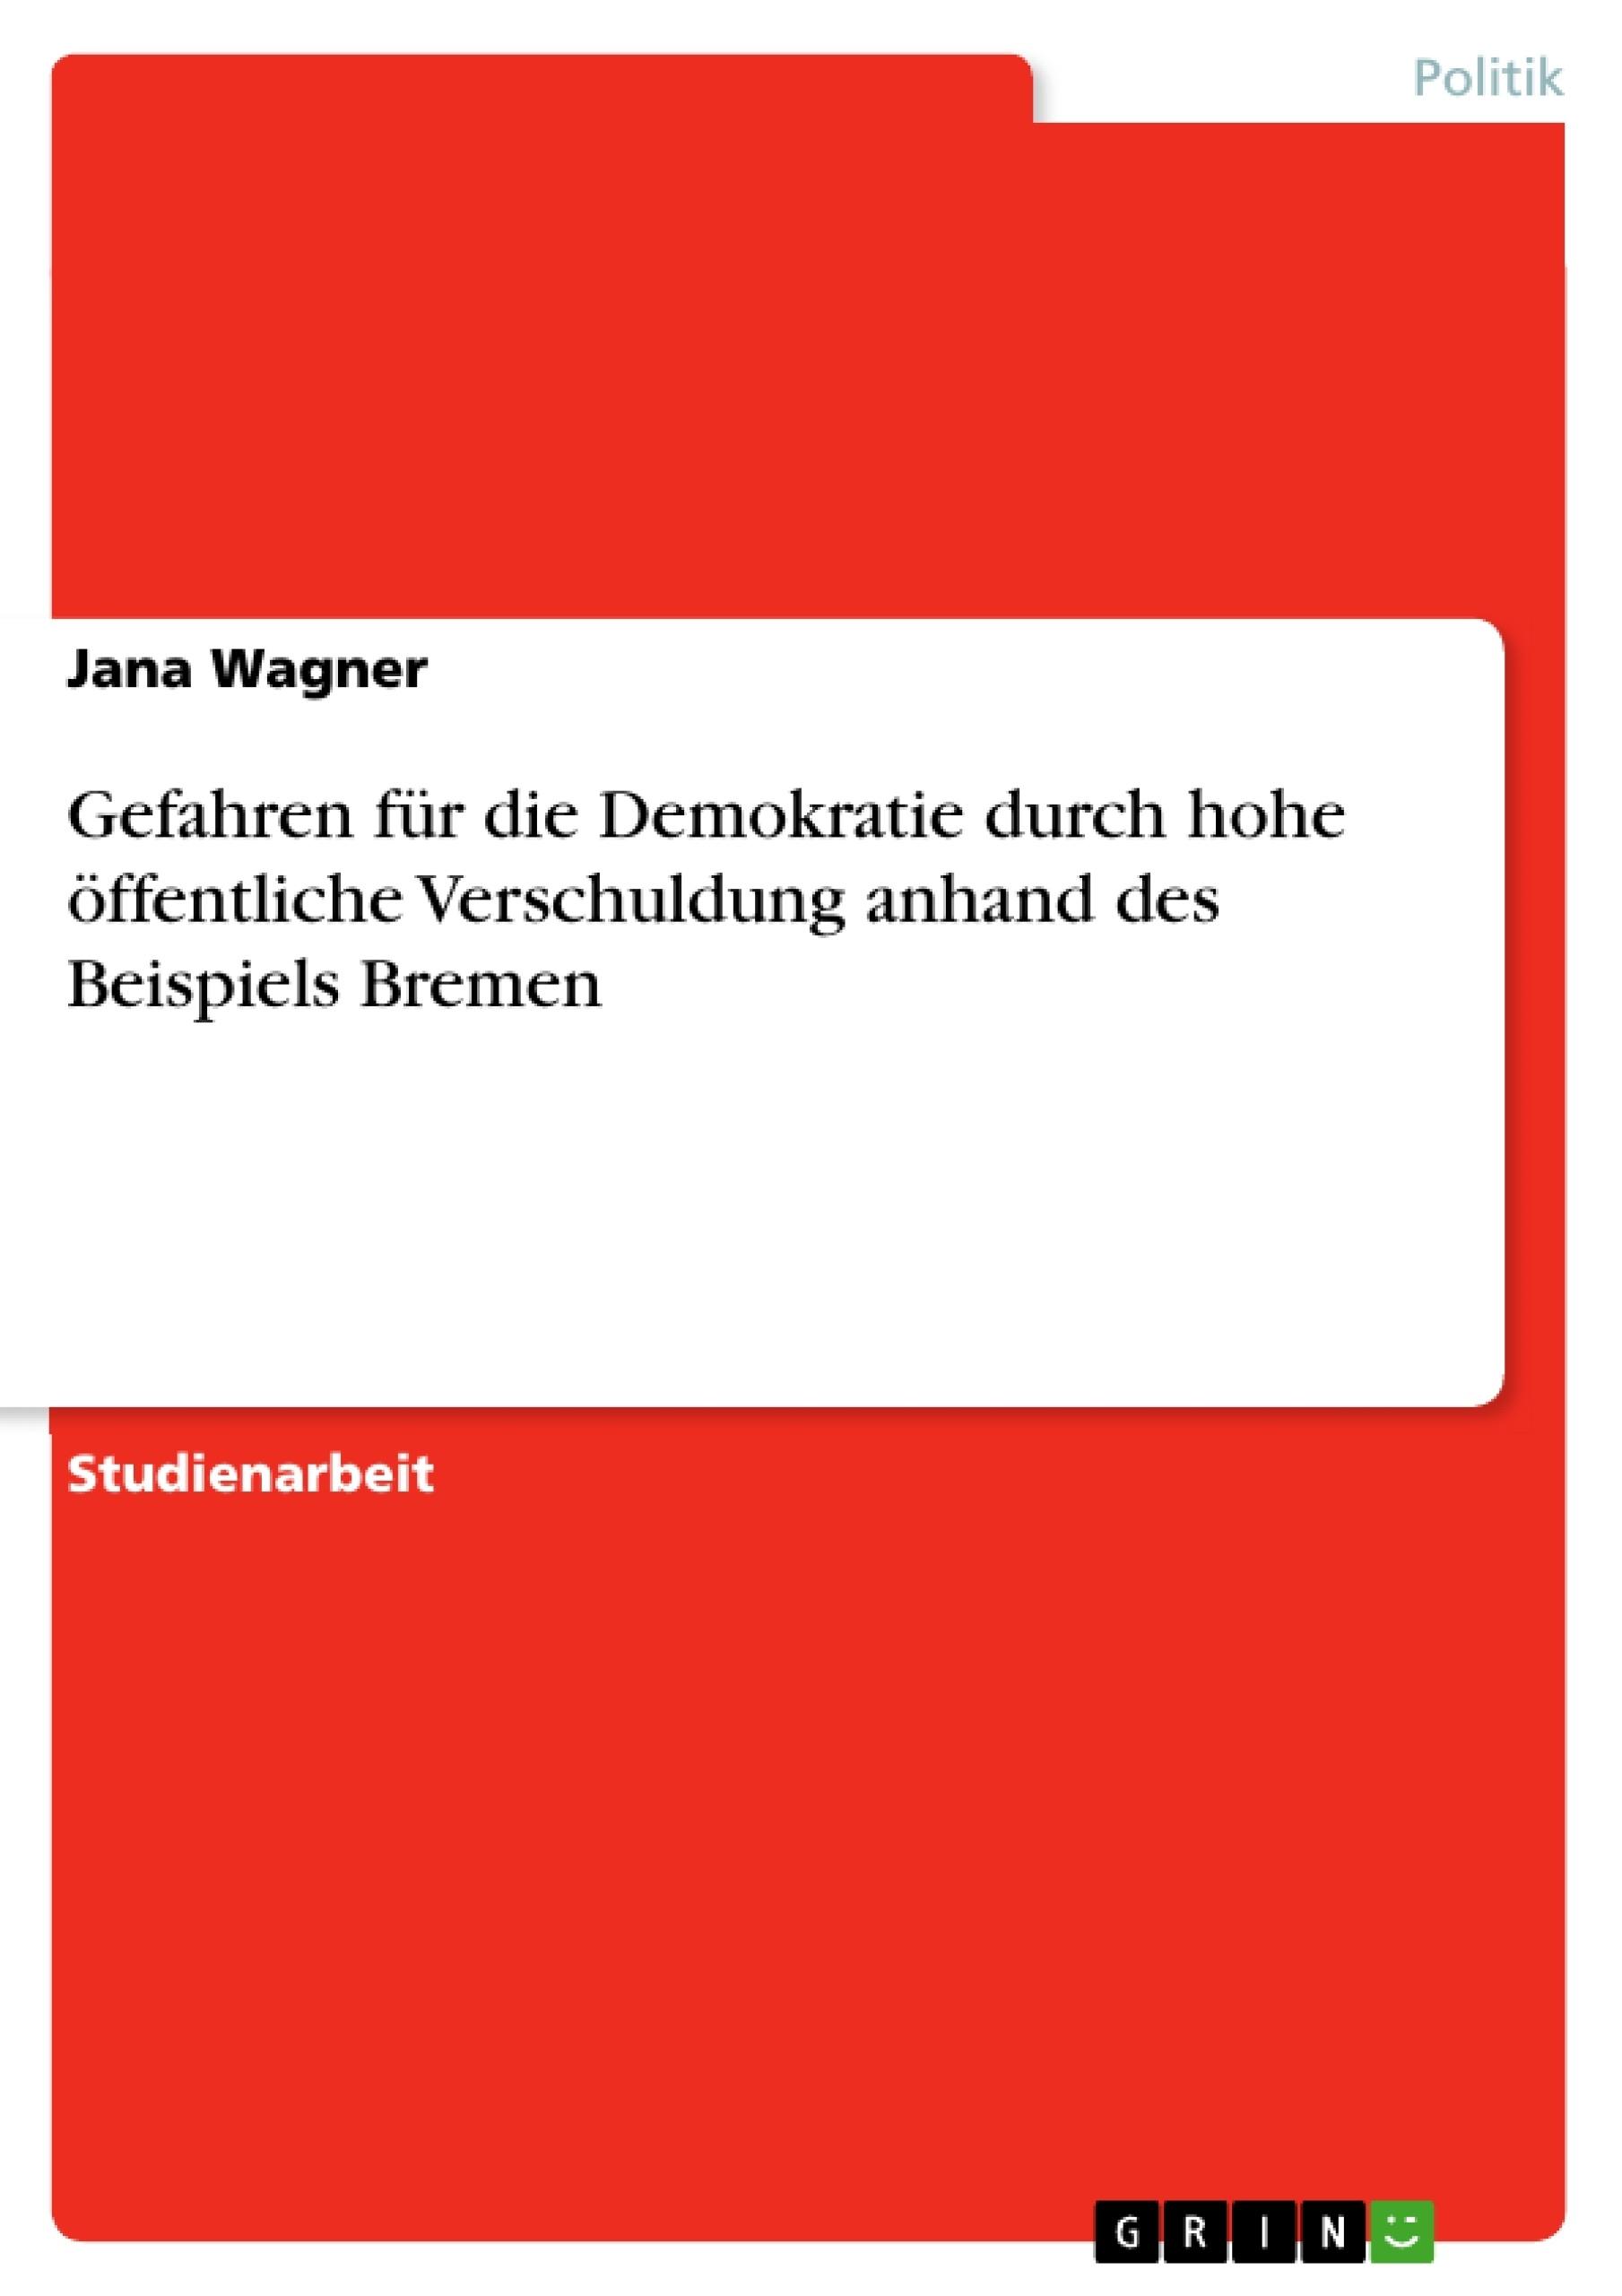 Titel: Gefahren für die Demokratie durch hohe öffentliche Verschuldung anhand des Beispiels Bremen